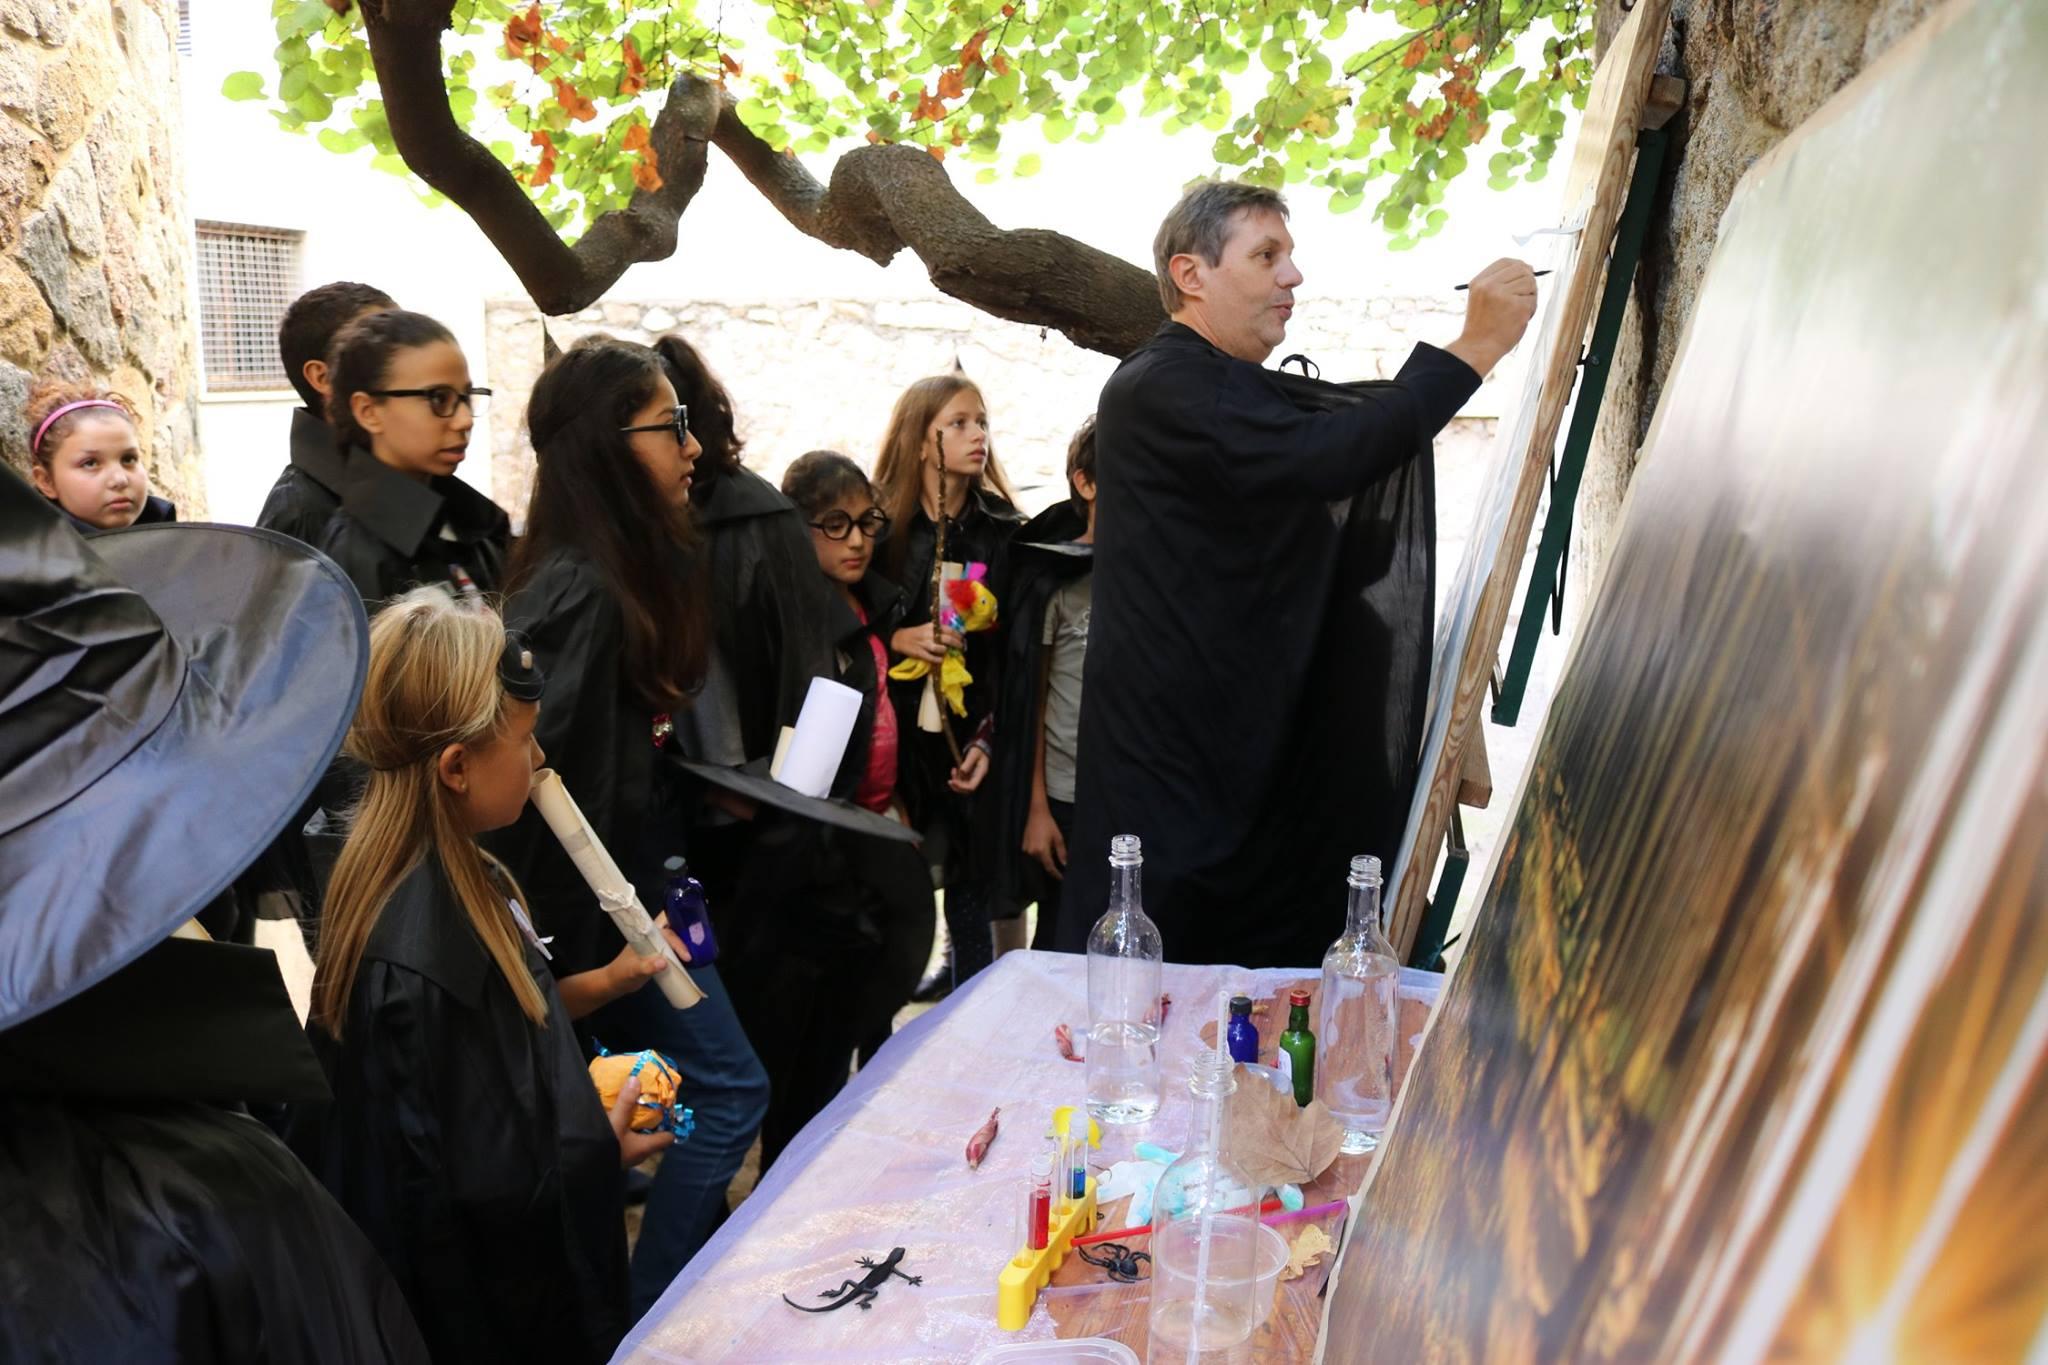 Projet Lumios, une manifestation contre les violences et les conduites à risques